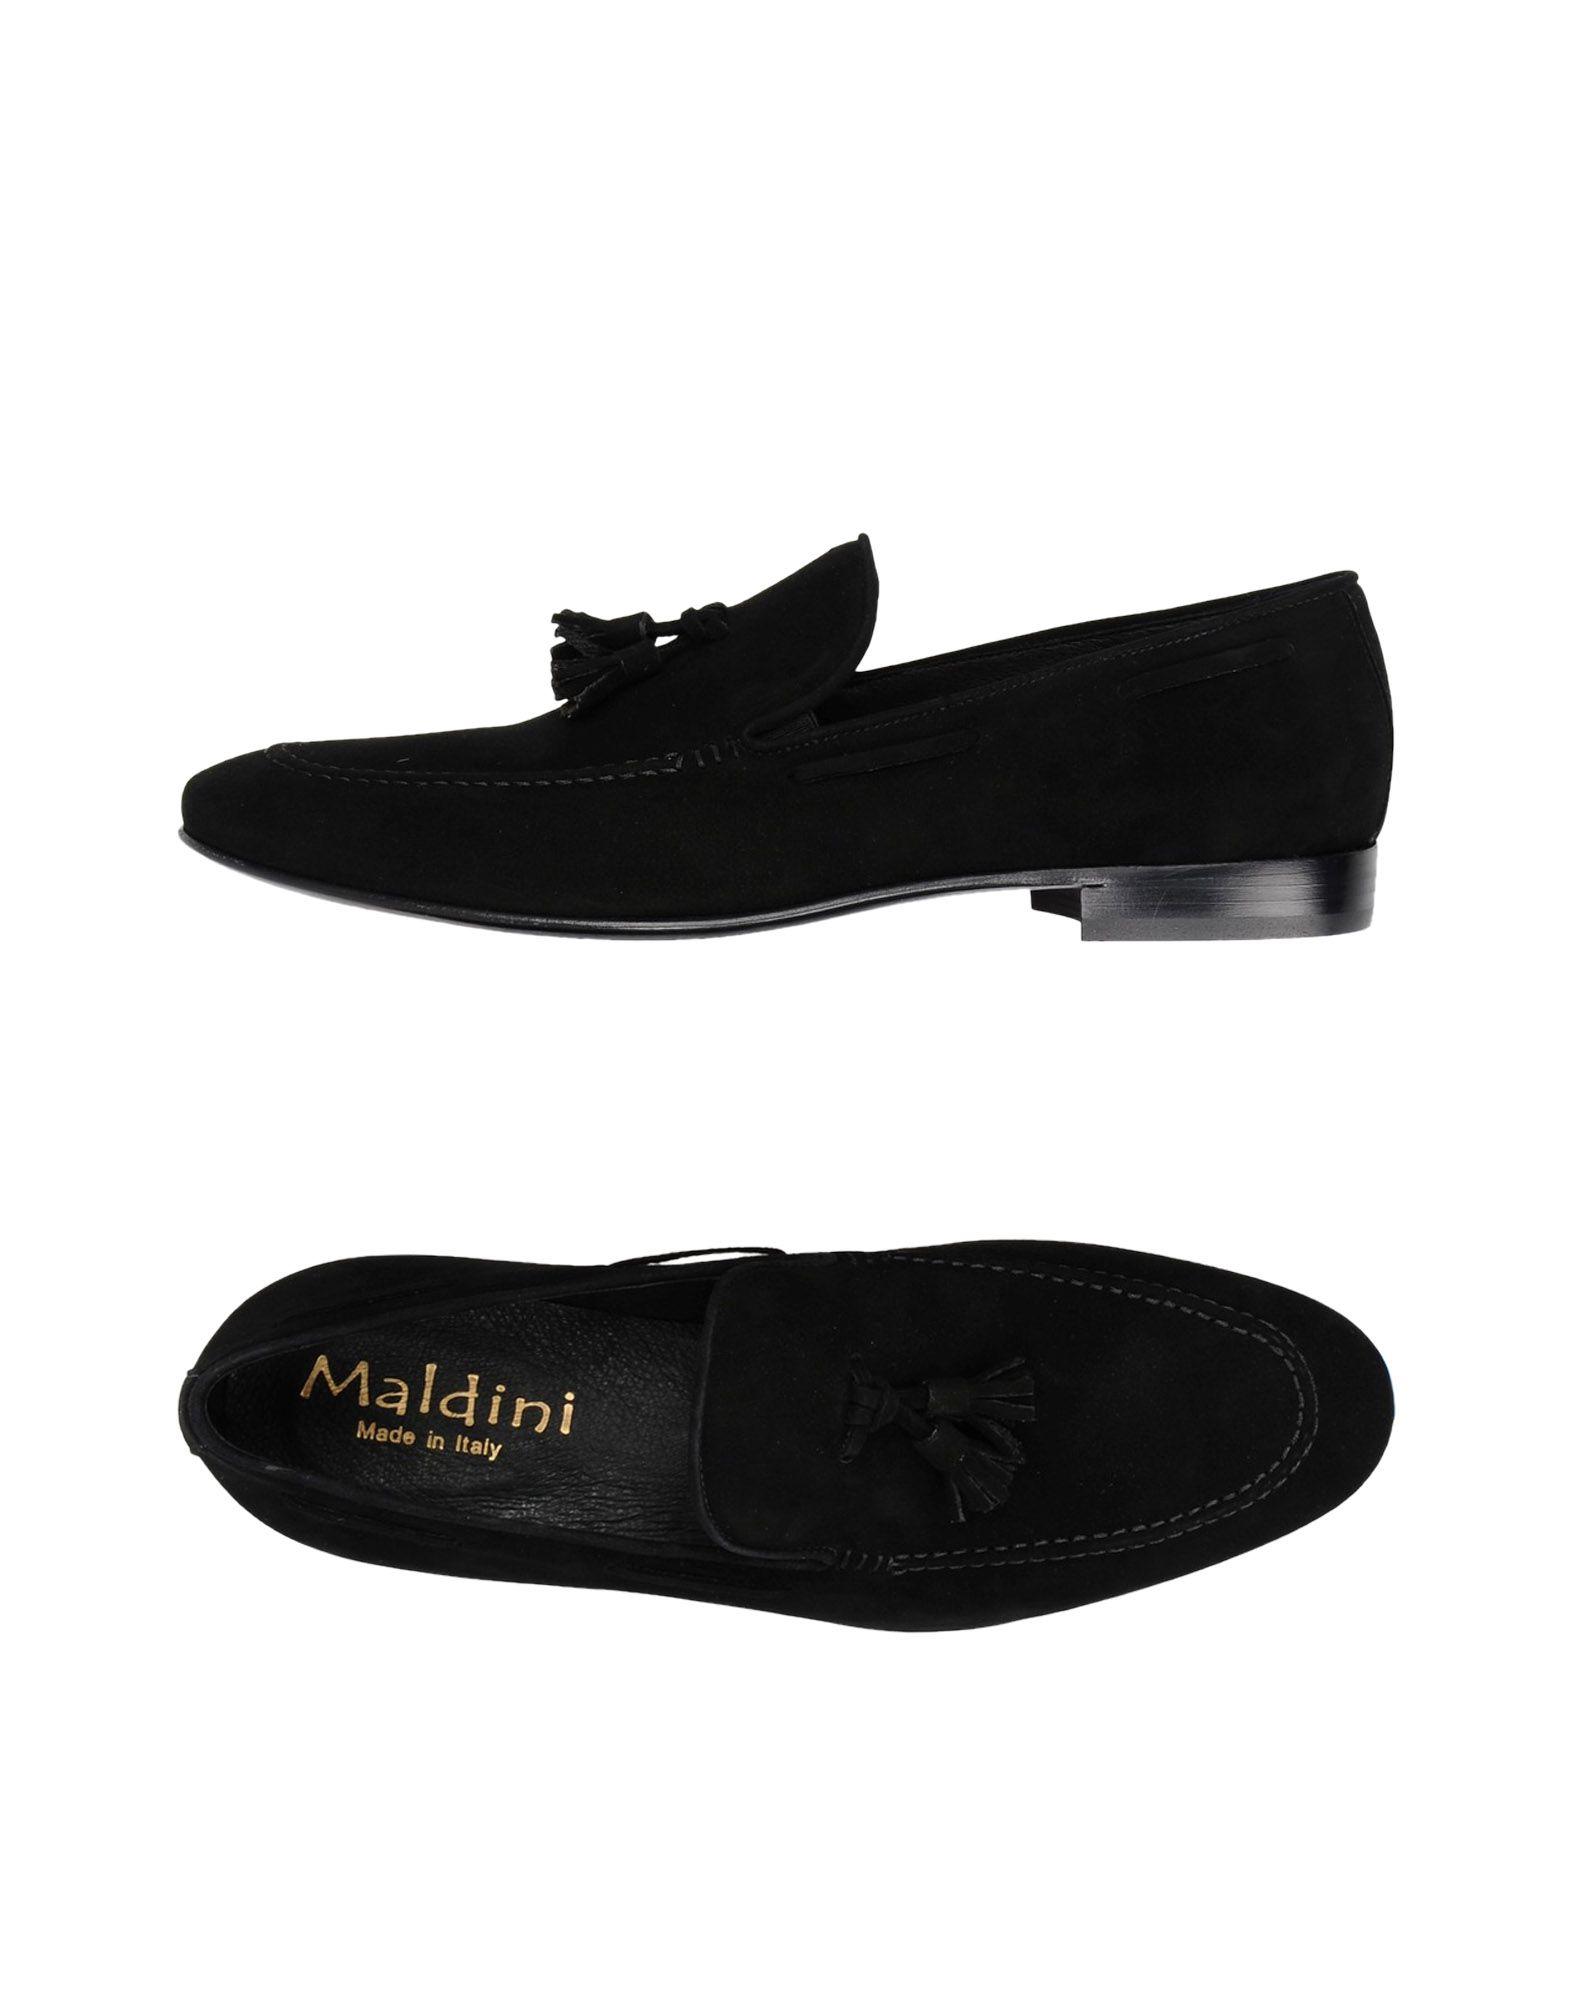 Maldini lohnt 742 Gutes Preis-Leistungs-Verhältnis, es lohnt Maldini sich,Billig-2684 0b635e